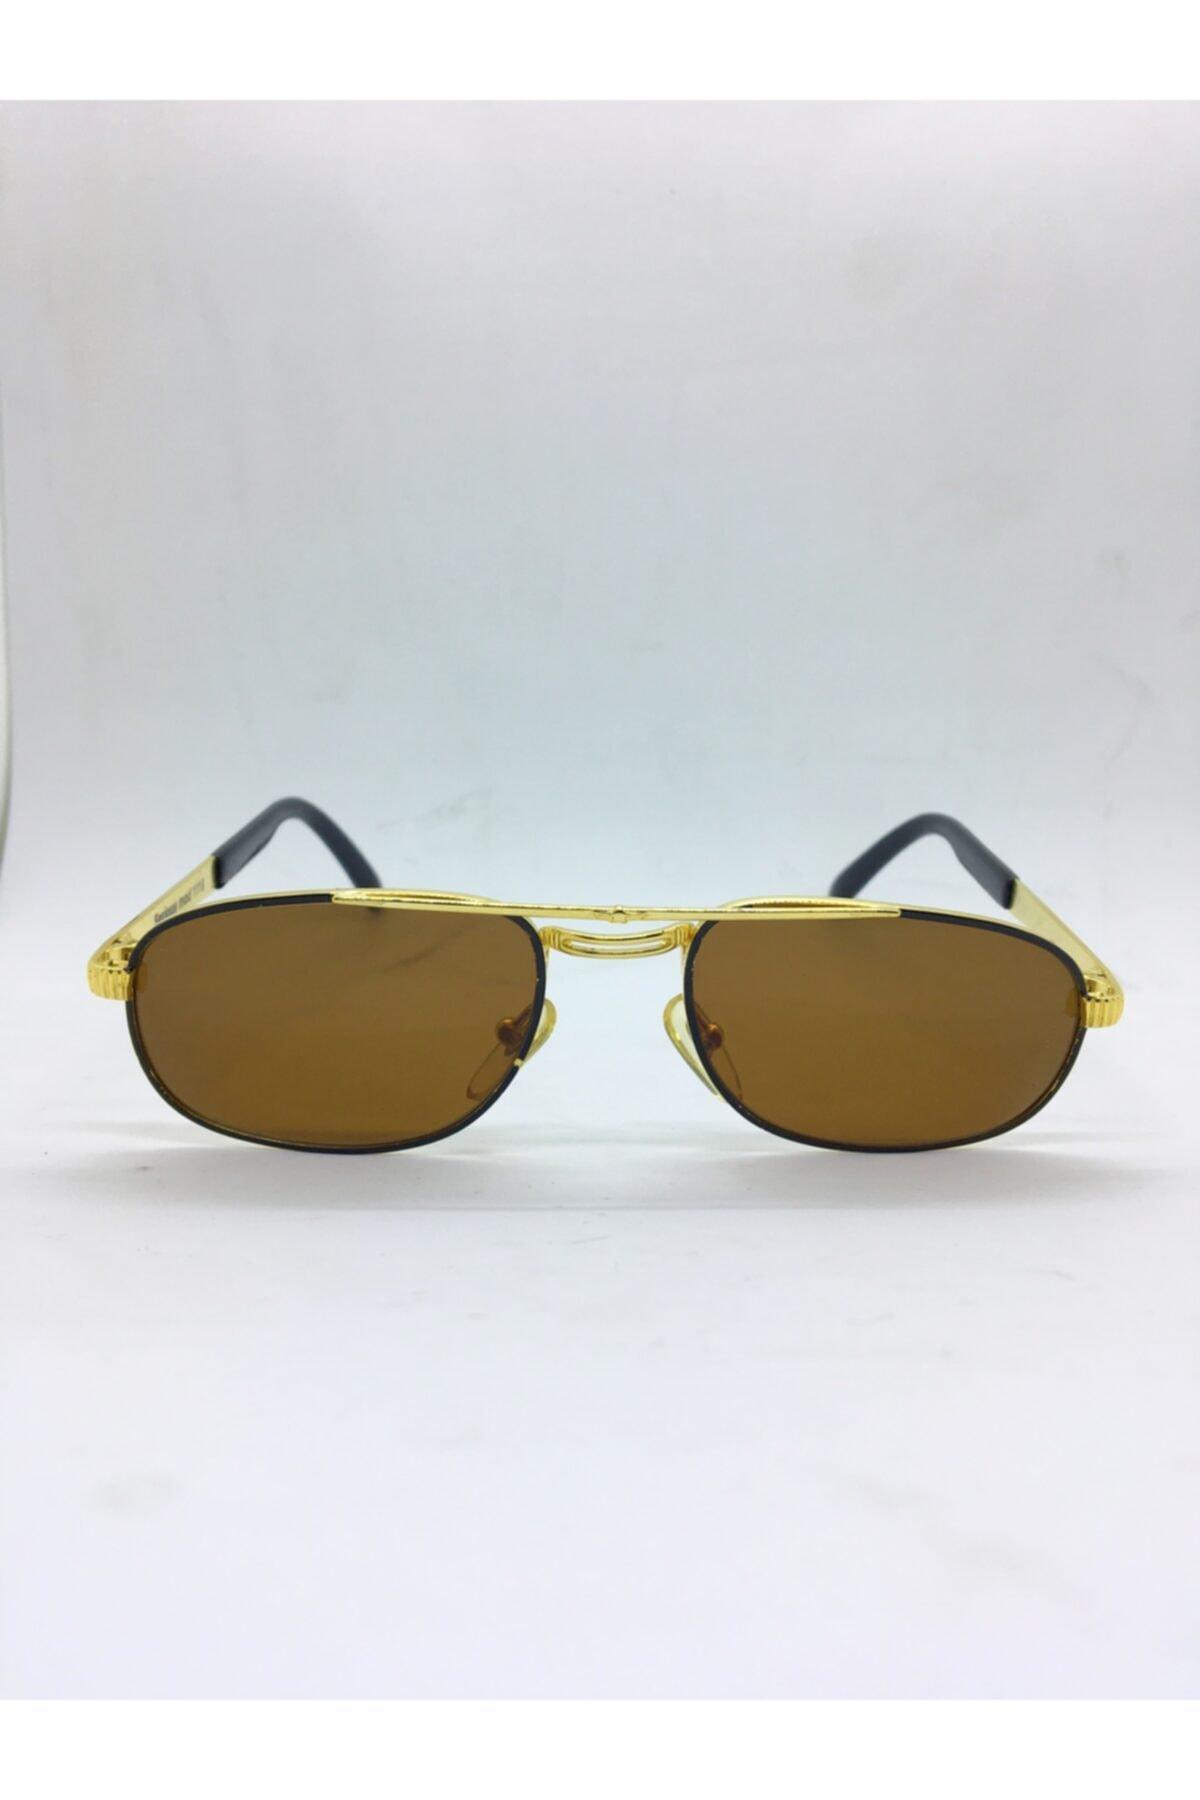 عینک آفتابی 2020 مدل جدید برند GBN رنگ قهوه ای کد ty44712549